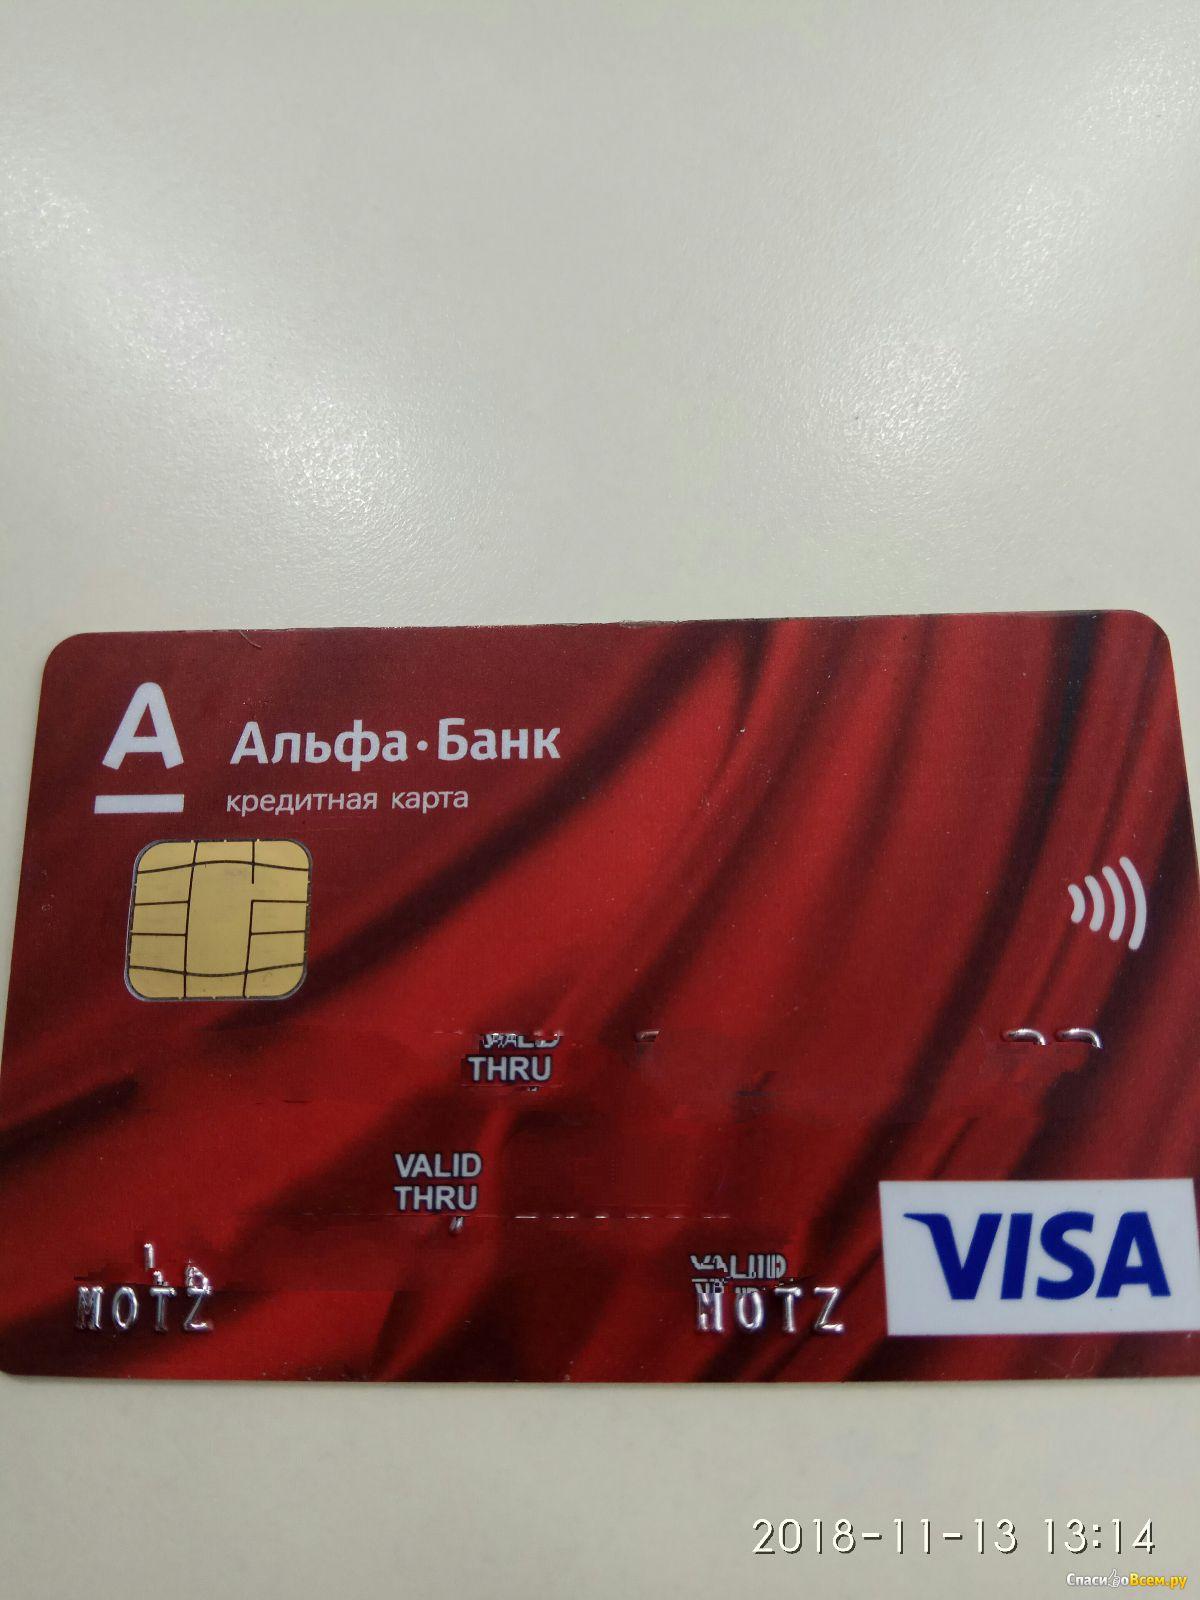 Заявление на кредитную карту альфа банк скачать